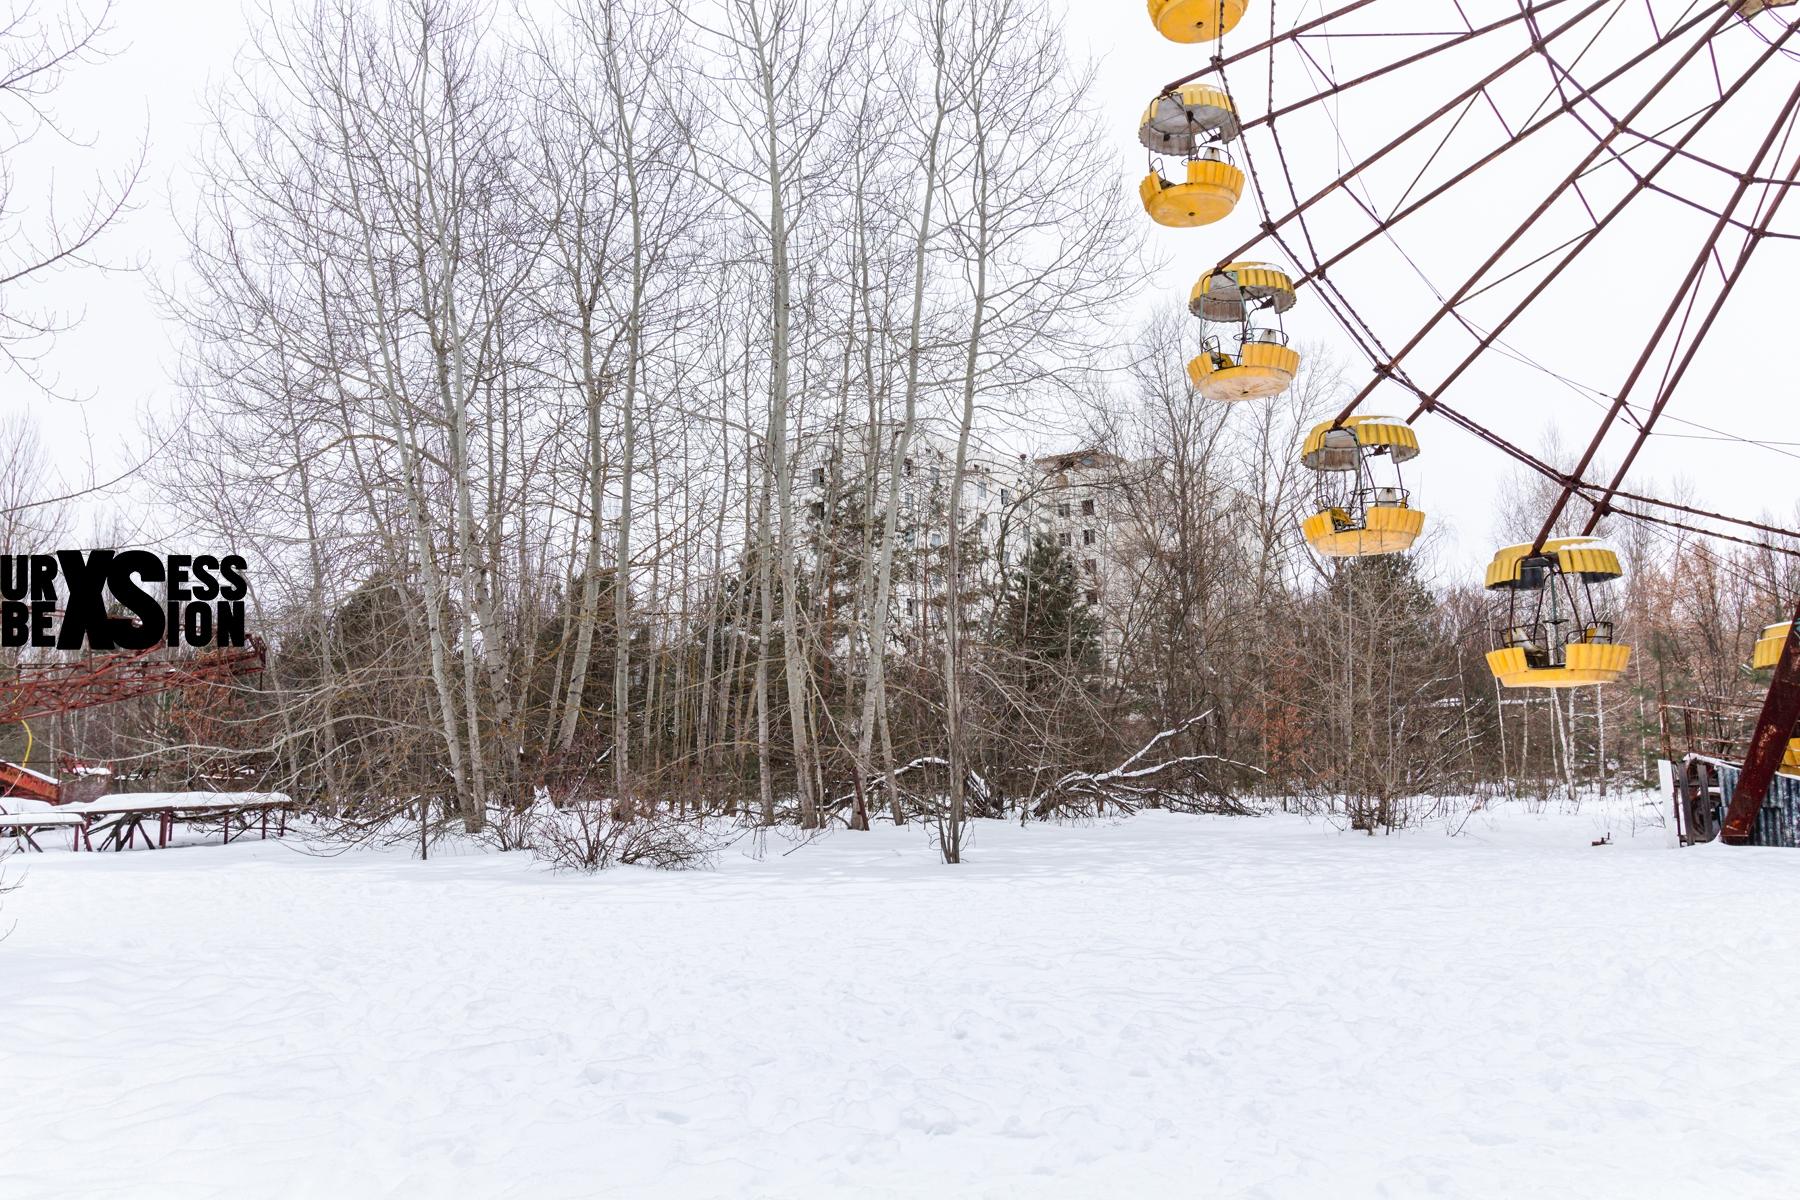 tchernobyl-prypiat-81